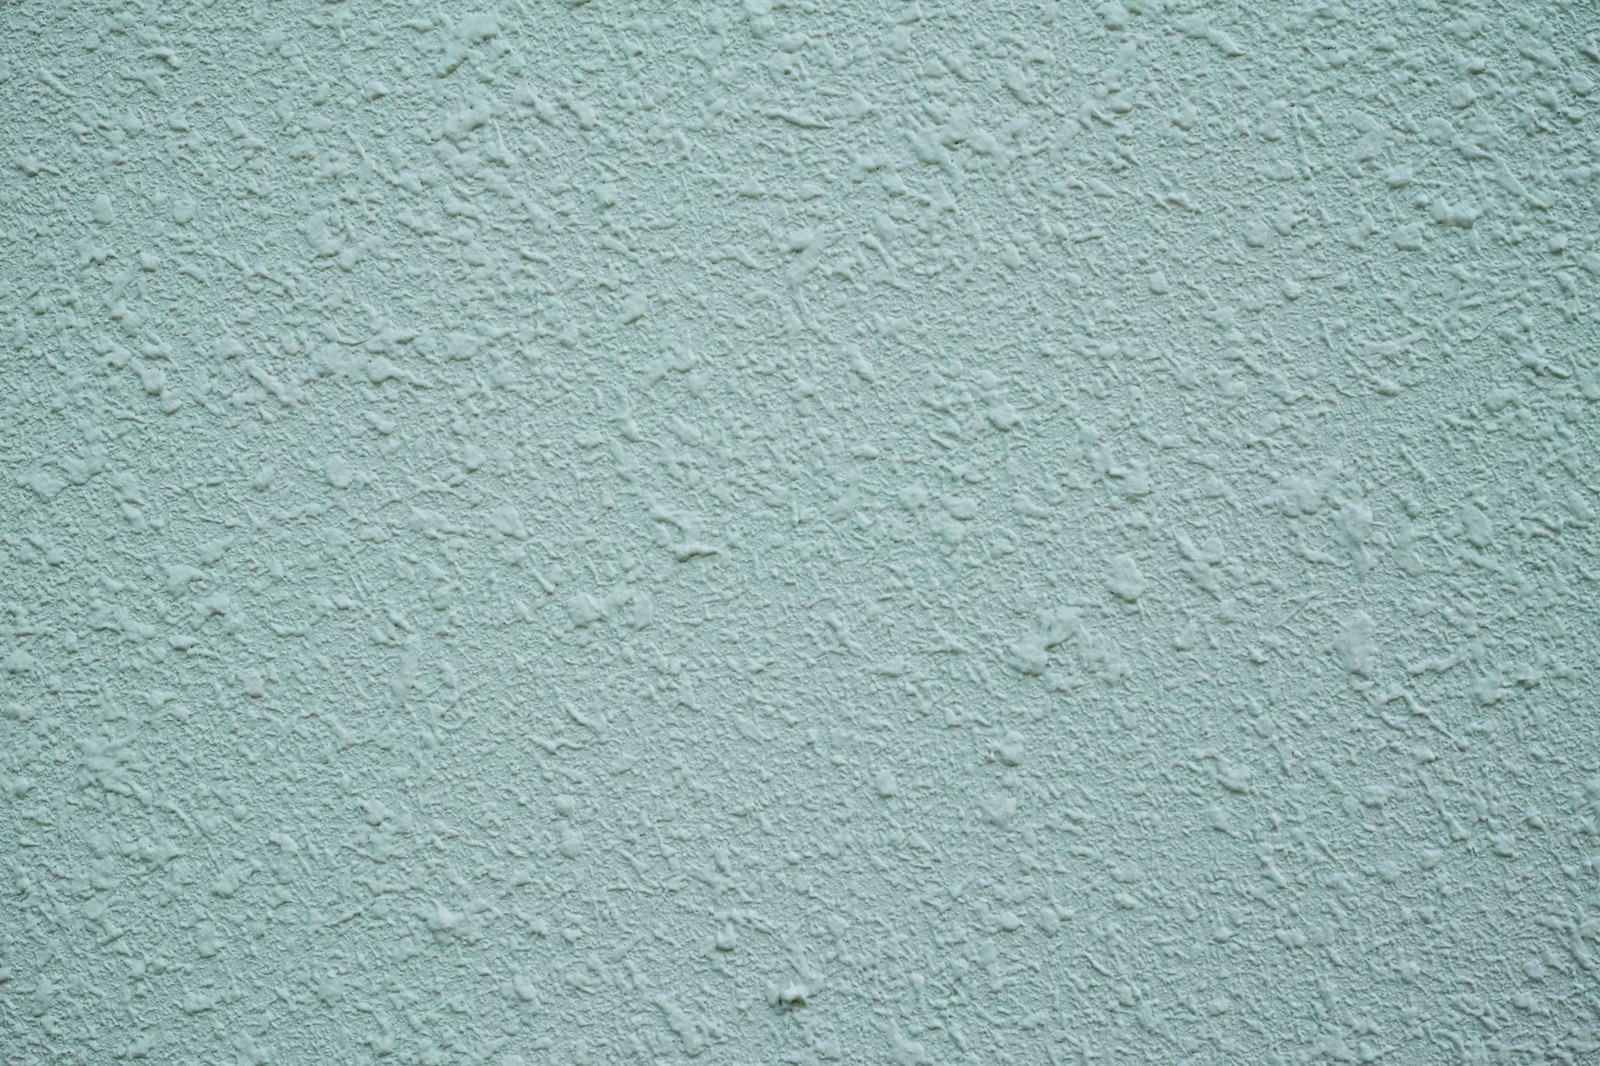 「粗い塗装の外壁(テクスチャ)」の写真